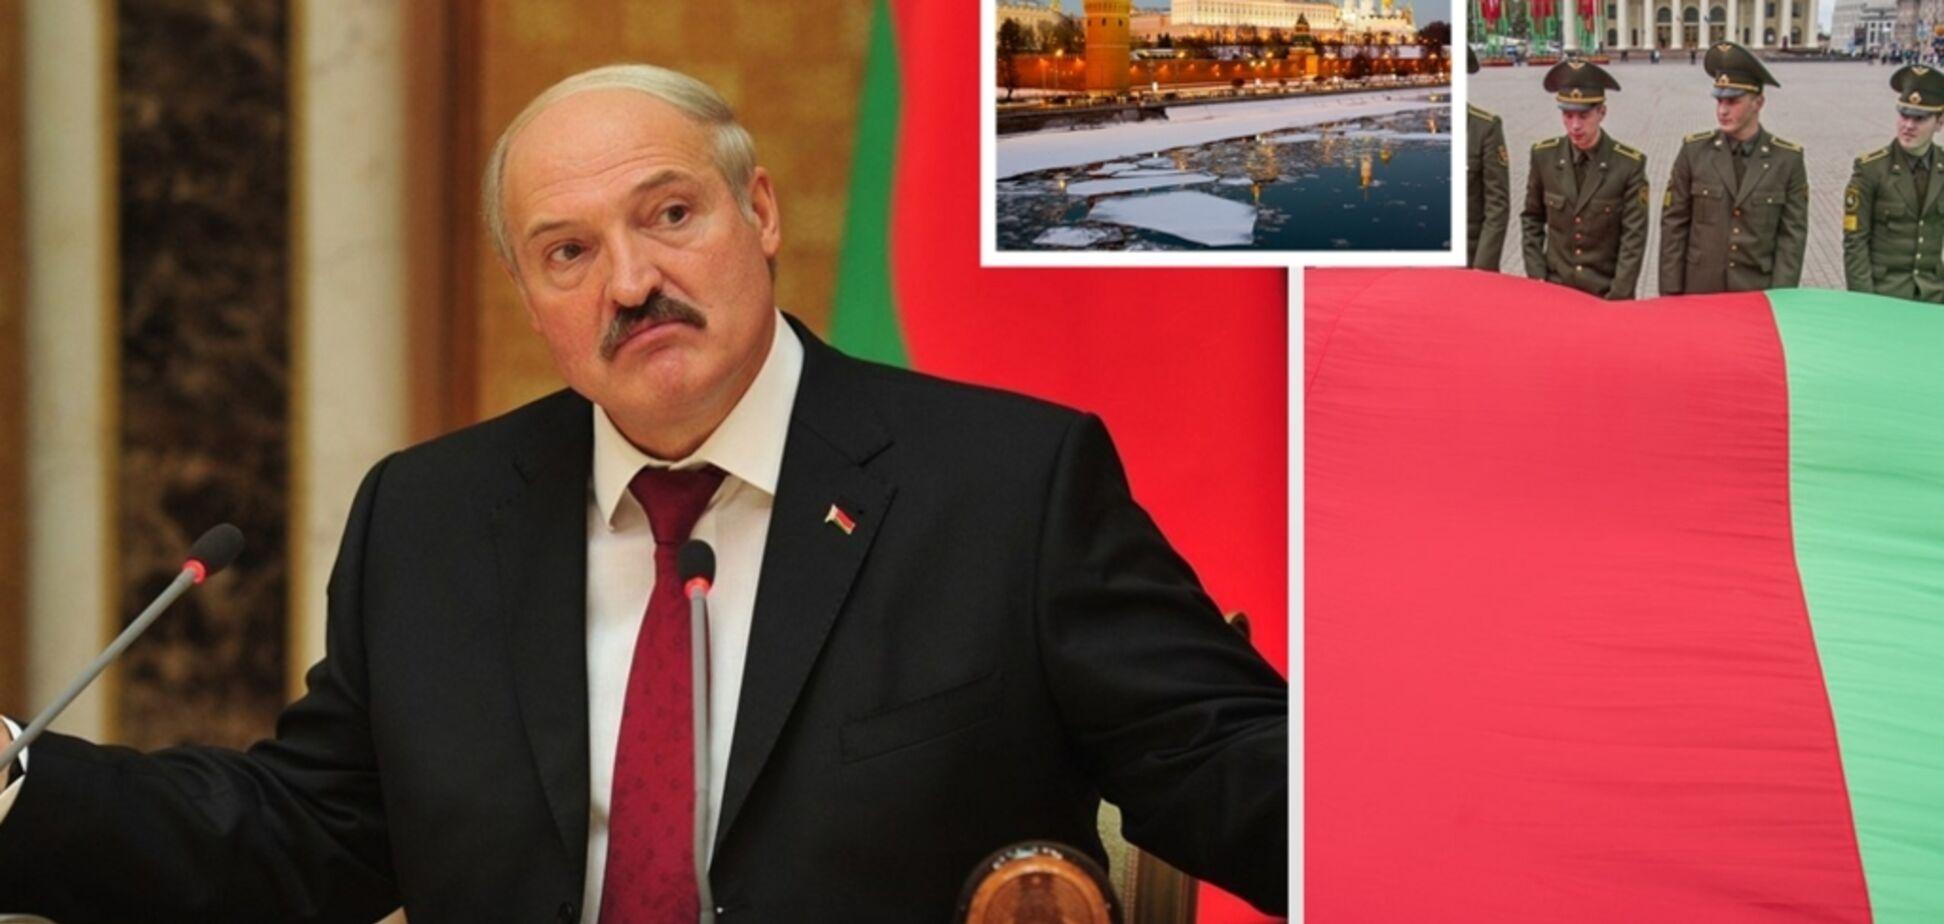 Росія радикально розбереться із Білоруссю. Можливо, навіть криваво — Боровий